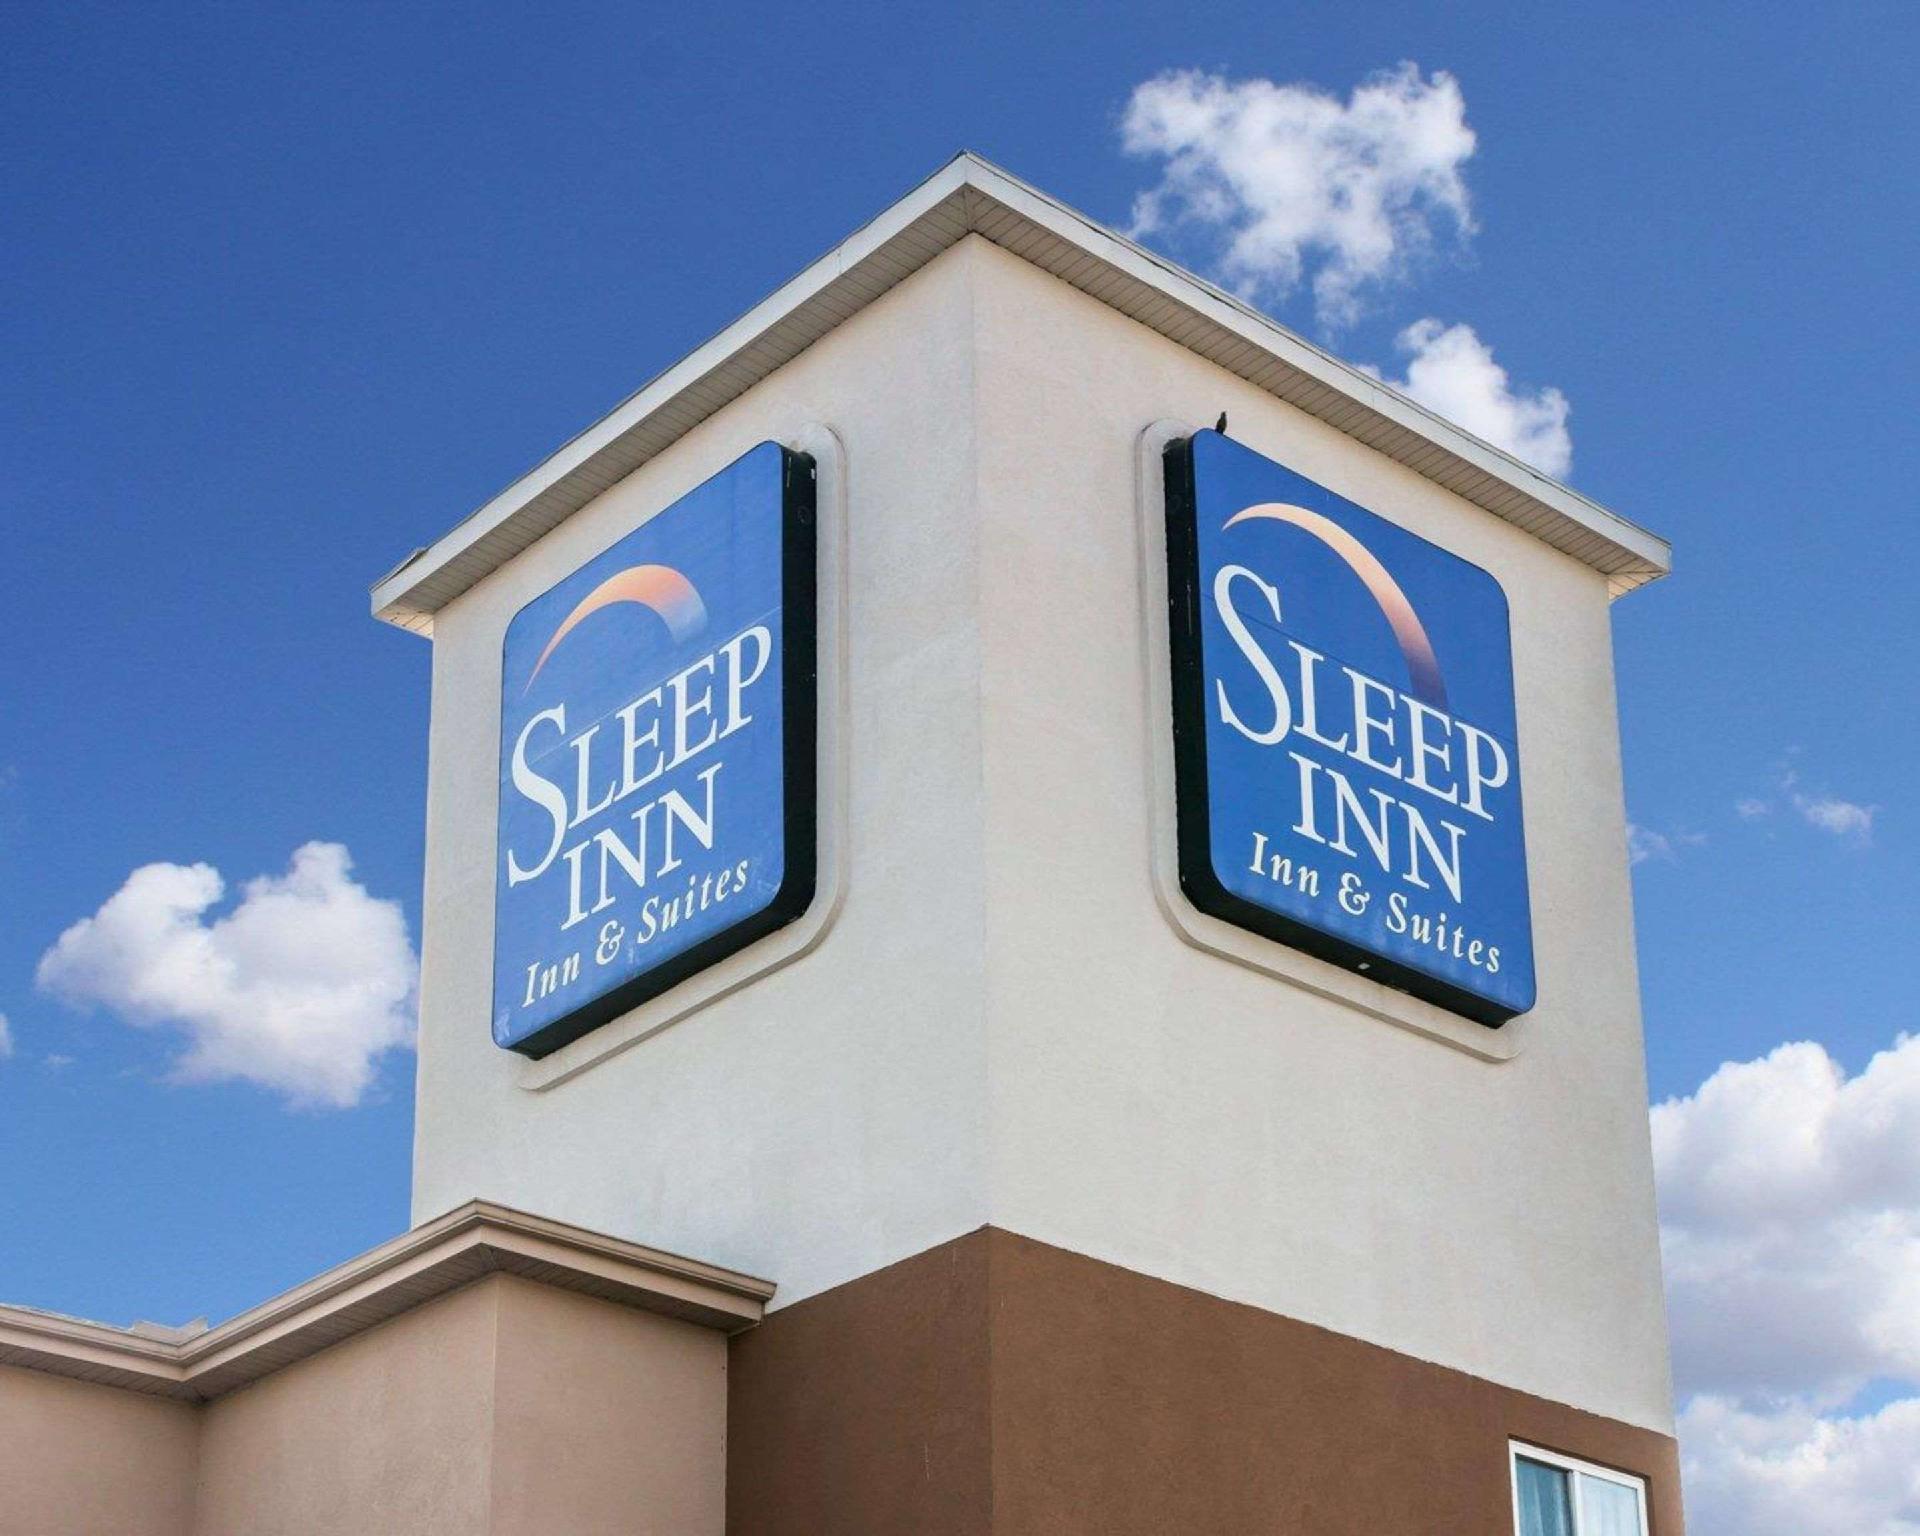 Sleep Inn and Suites Milan